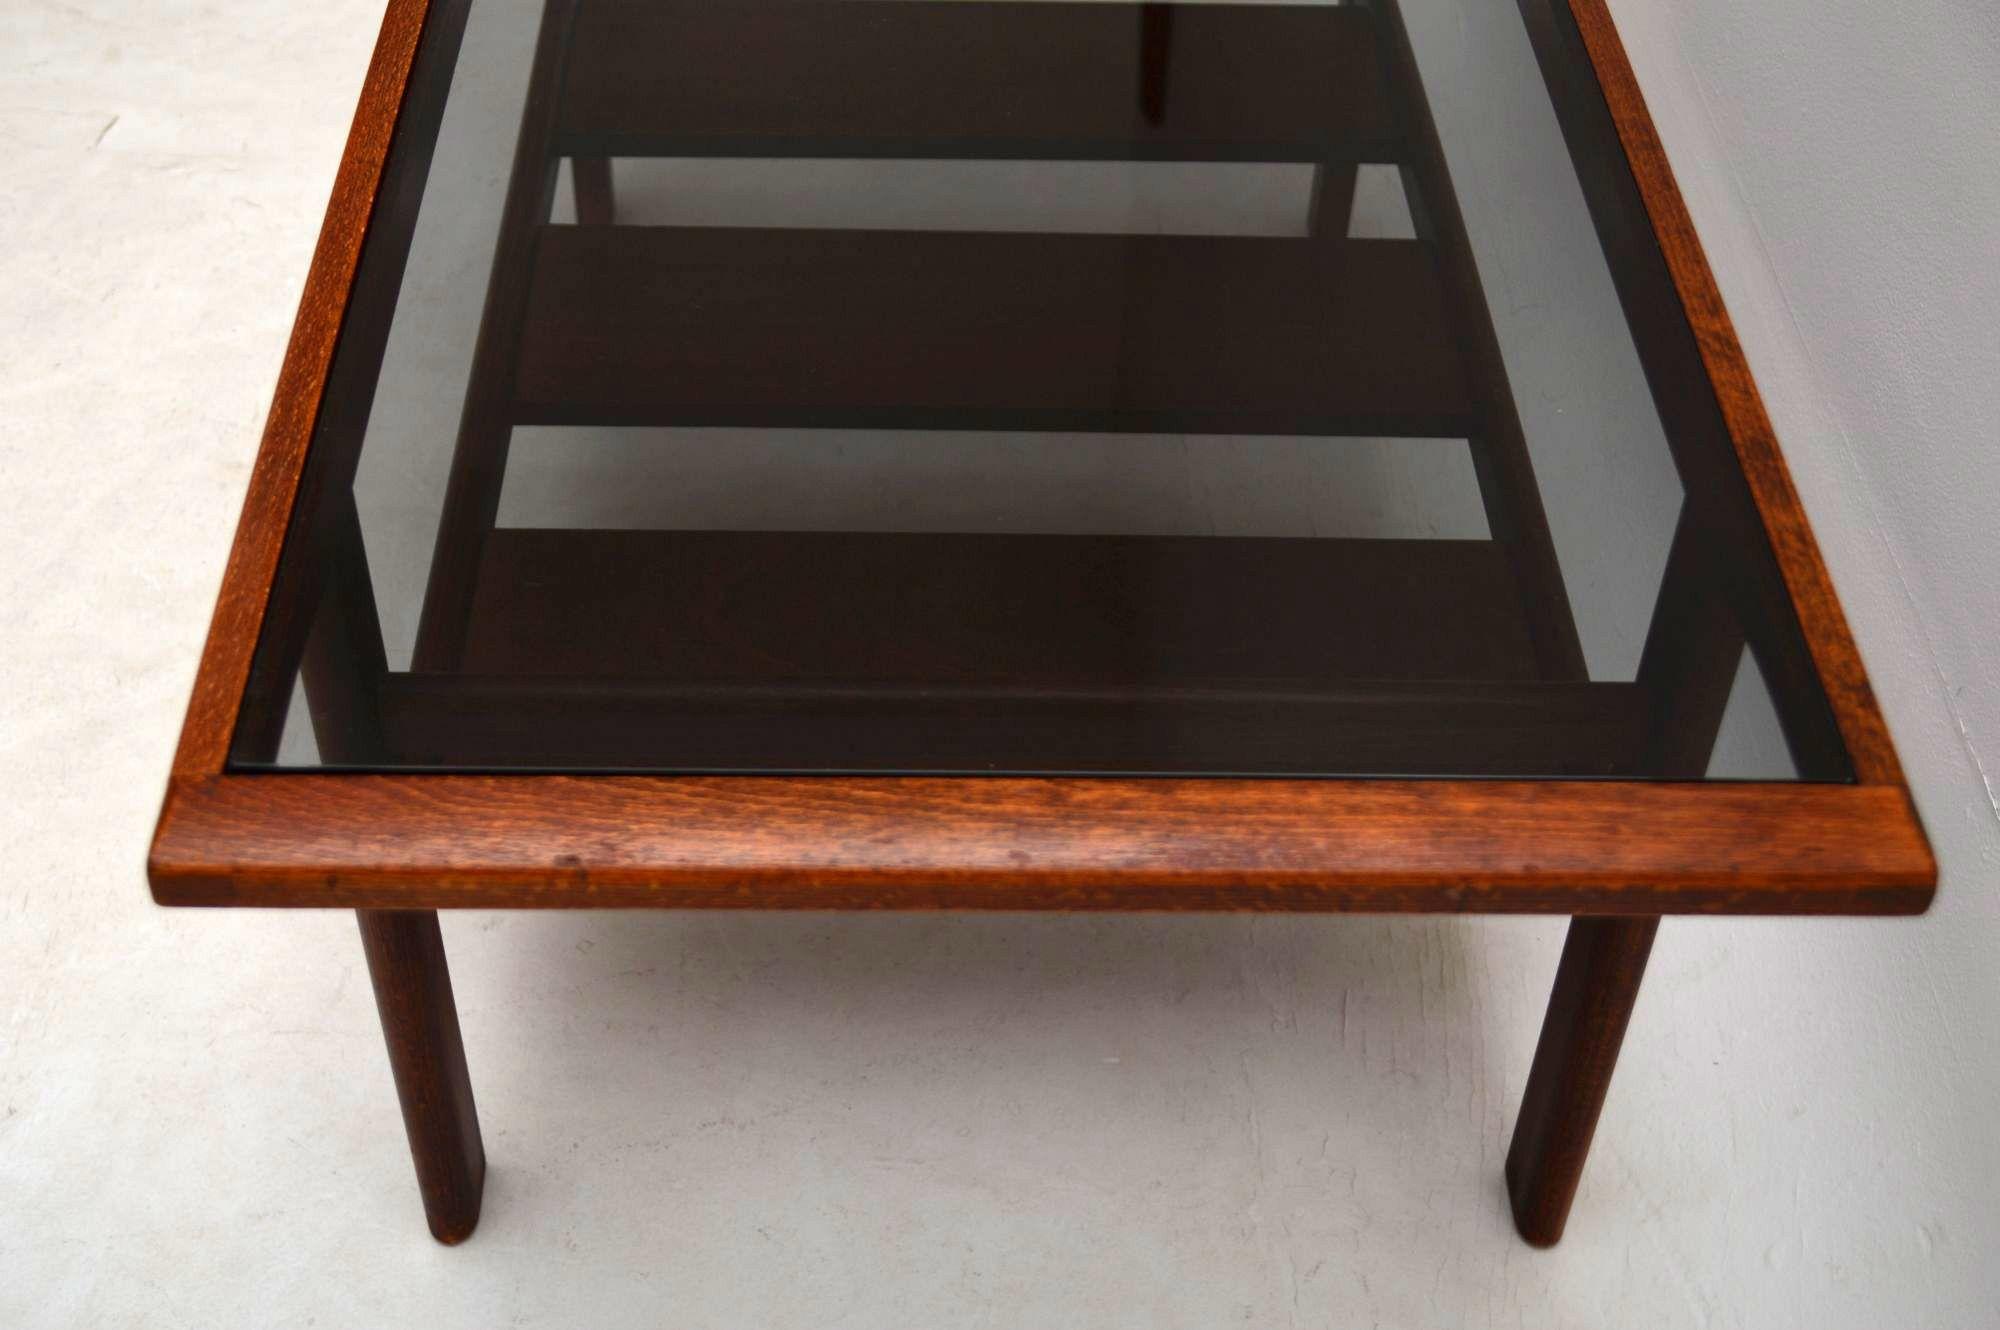 Retro Two Tier Coffee Table Vintage 1950 S Retrospective